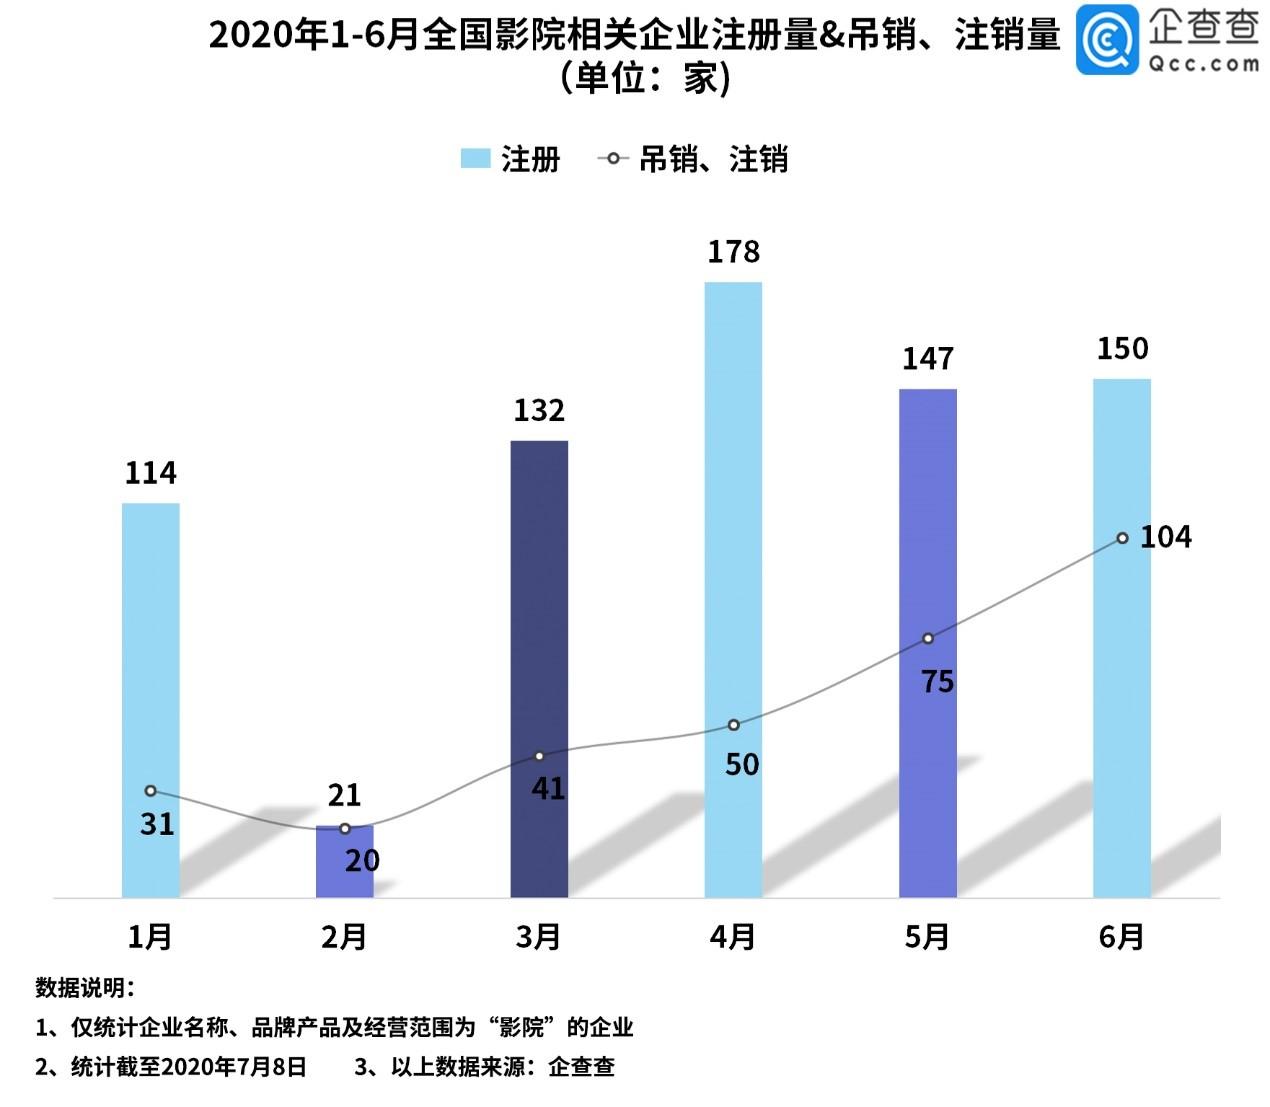 【杏悦】院终迎复工好消息相关企业上半杏悦年注册量跌图片